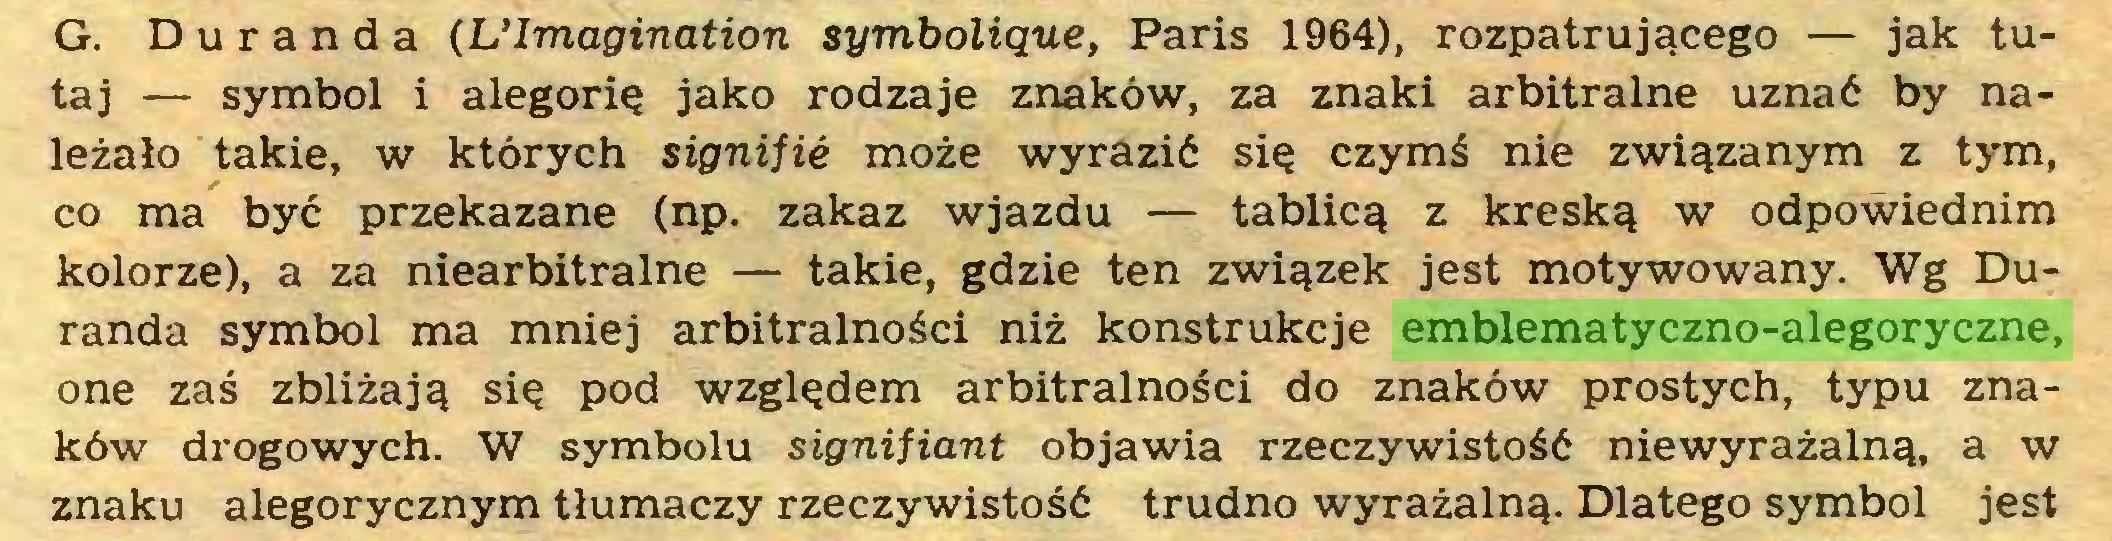 (...) G. Duranda (L'Imagination symbolique, Paris 1964), rozpatrującego — jak tutaj — symbol i alegorię jako rodzaje znaków, za znaki arbitralne uznać by należało takie, w których signifié może wyrazić się czymś nie związanym z tym, co ma być przekazane (np. zakaz wjazdu — tablicą z kreską w odpowiednim kolorze), a za niearbitralne — takie, gdzie ten związek jest motywowany. Wg Duranda symbol ma mniej arbitralności niż konstrukcje emblematyczno-alegoryczne, one zaś zbliżają się pod względem arbitralności do znaków prostych, typu znaków drogowych. W symbolu signifiant objawia rzeczywistość niewyrażalną, a w znaku alegorycznym tłumaczy rzeczywistość trudno wyrażalną. Dlatego symbol jest...